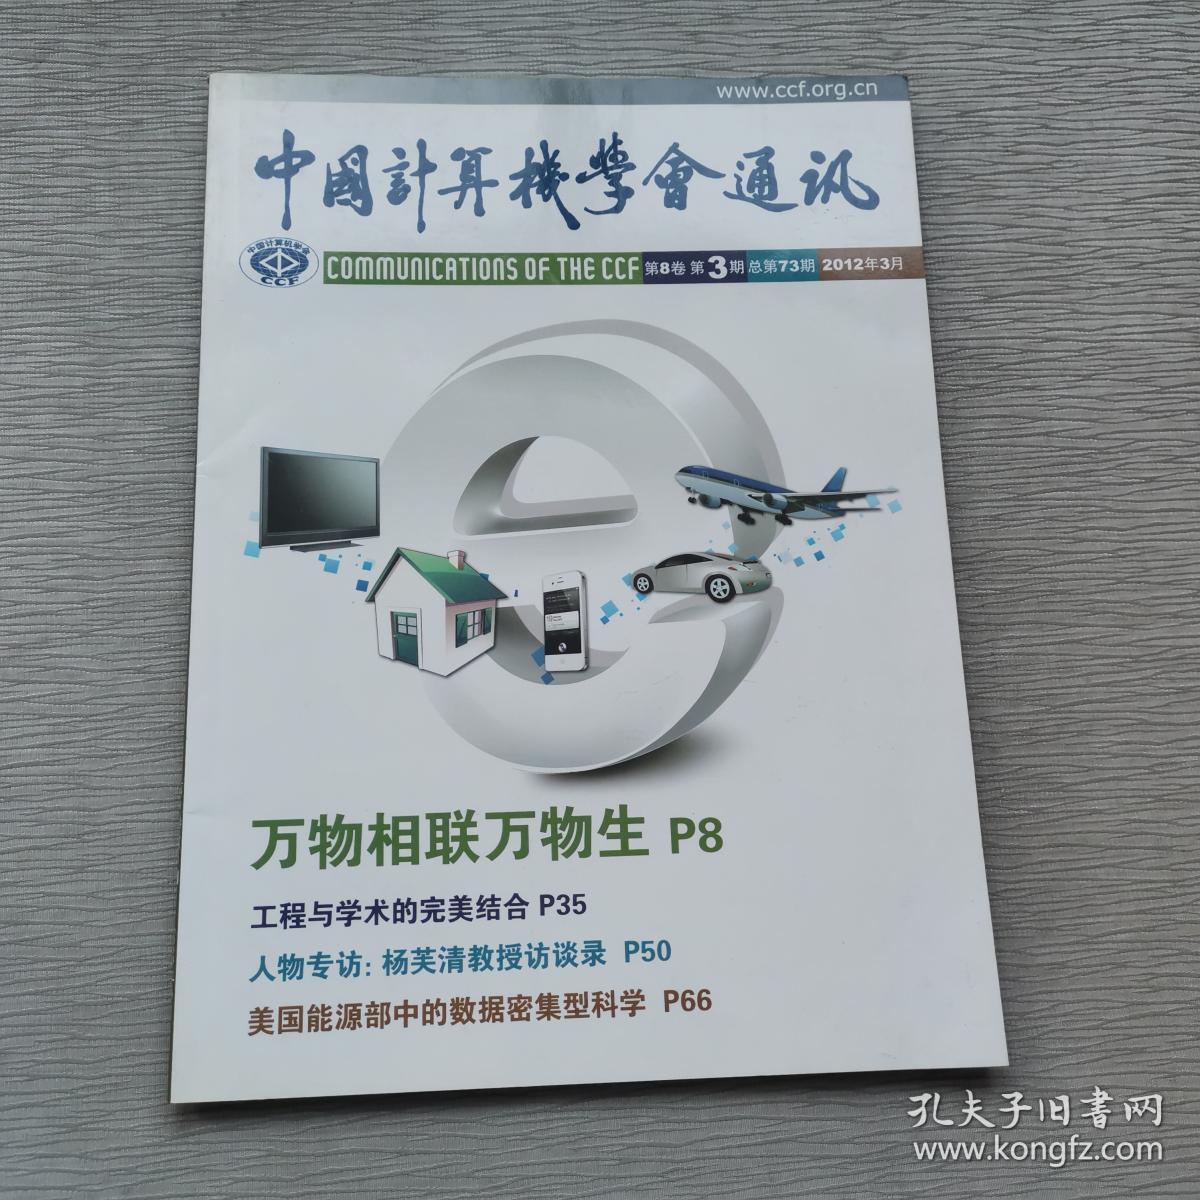 中国计算机学会通讯2012.3第8卷第3期